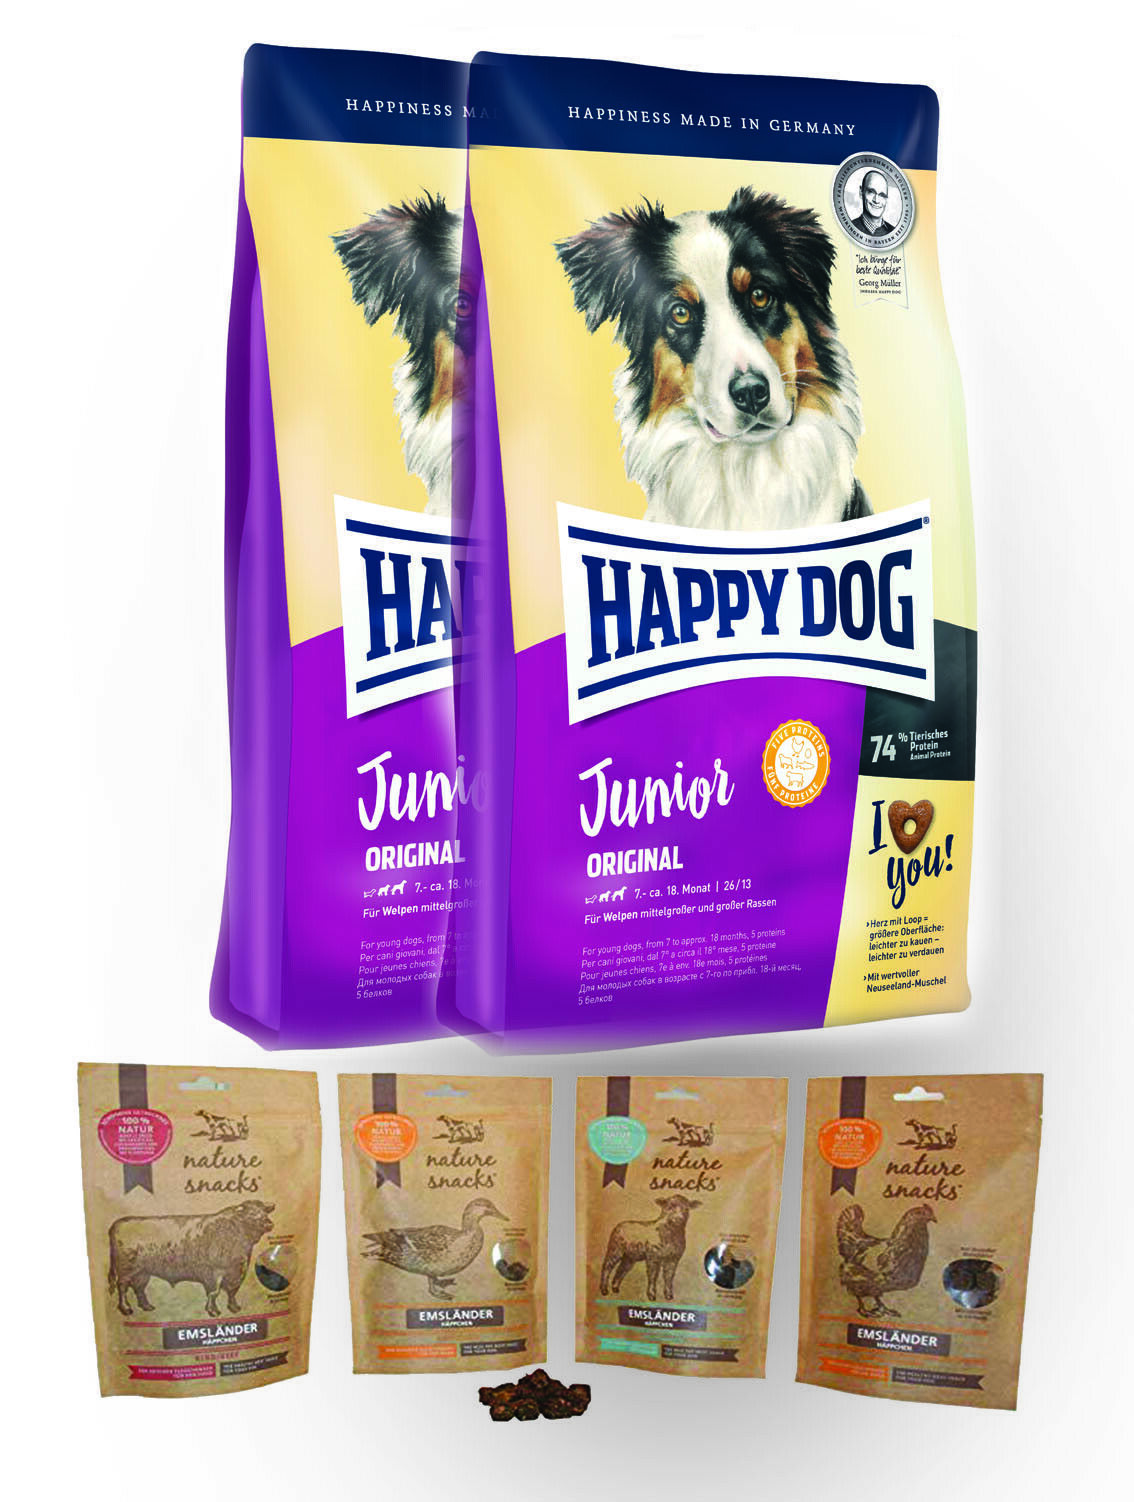 Happy Dog Junior Original 2x10 kg + MULTIPACK M. JEWEILS 150g Emsländer Häppchen